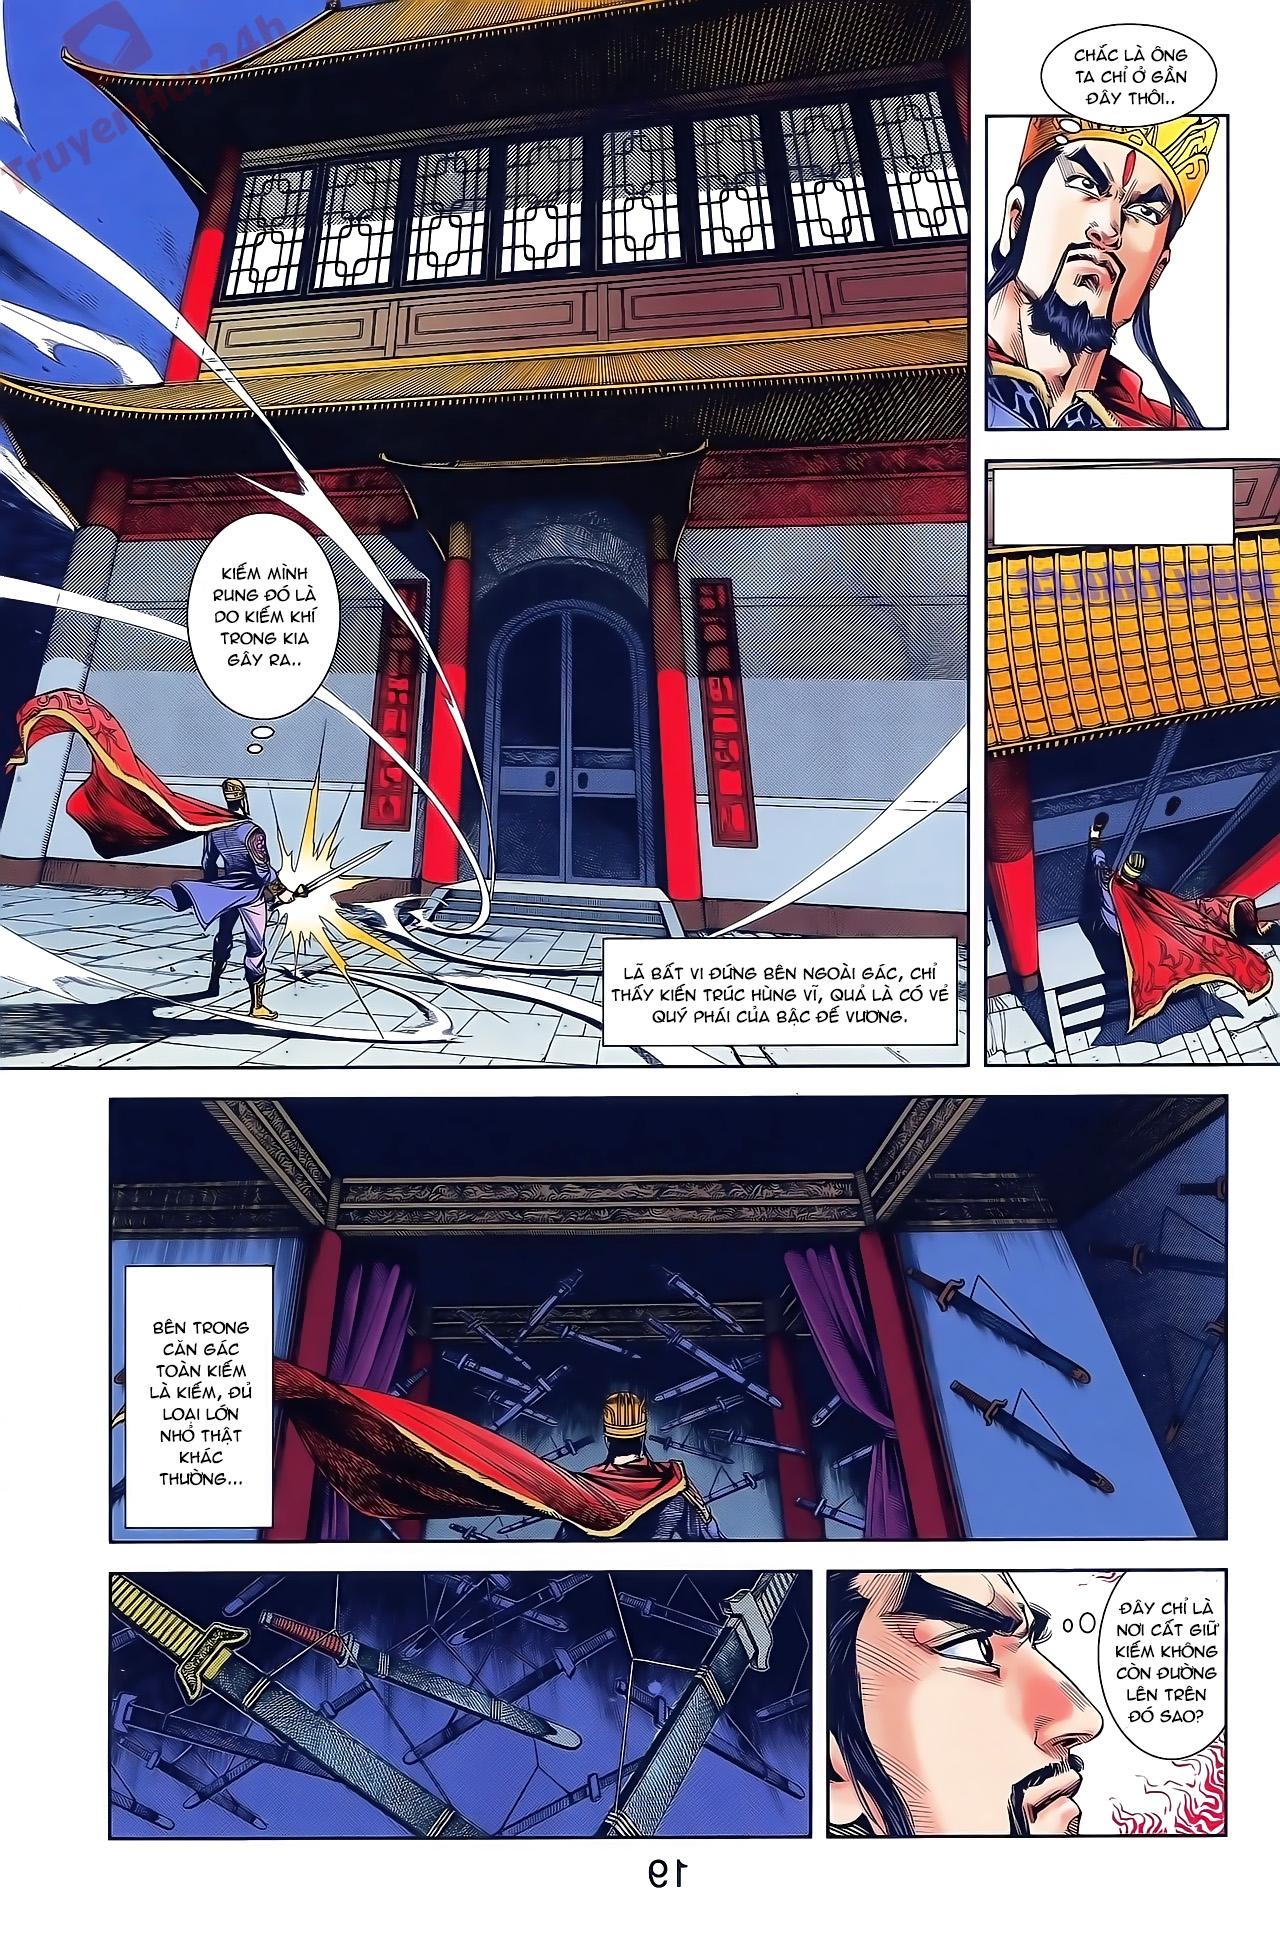 Tần Vương Doanh Chính chapter 48 trang 5